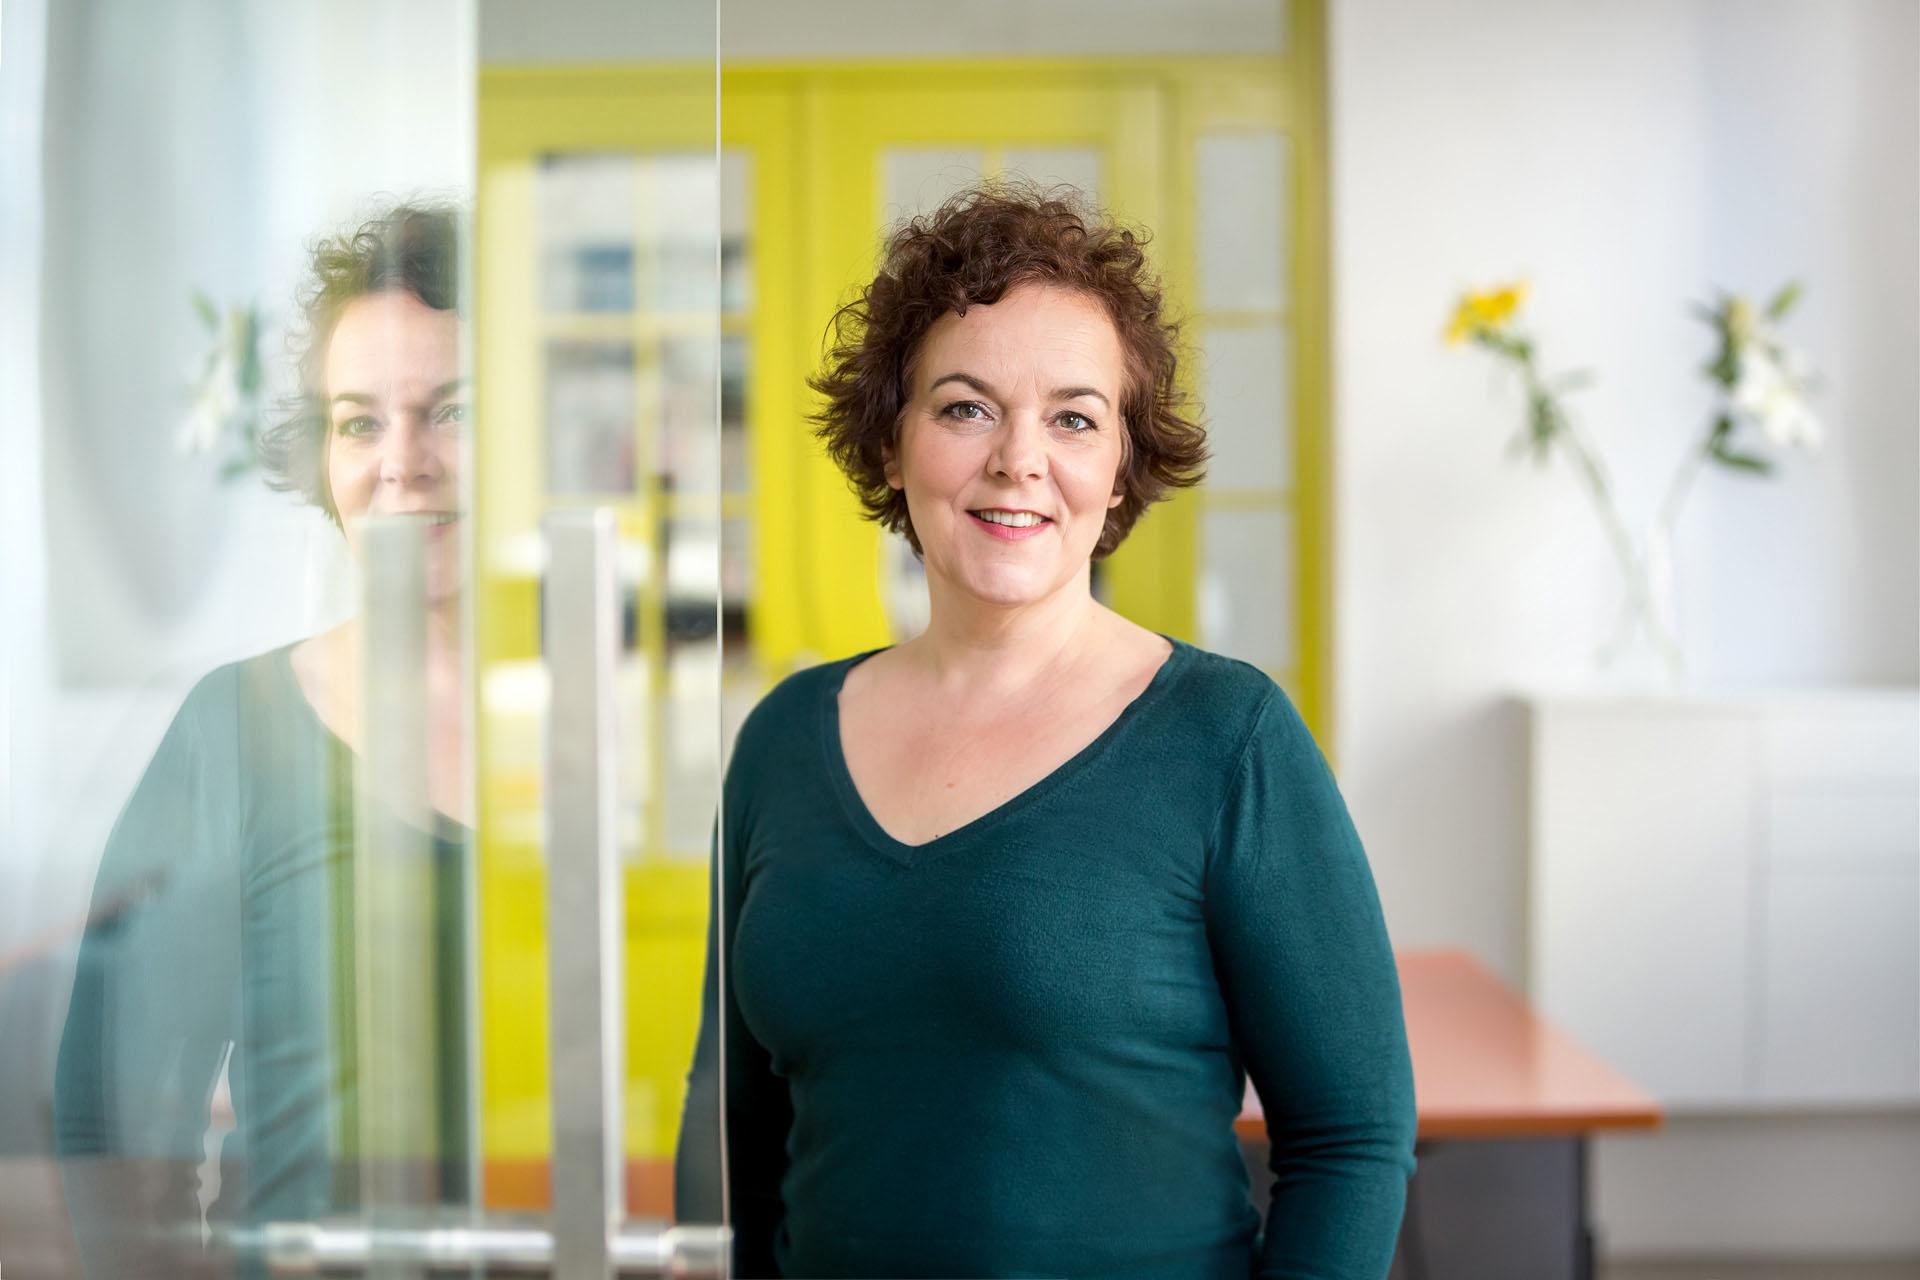 Personal Branding Fotos -Businessfrau im Coworking